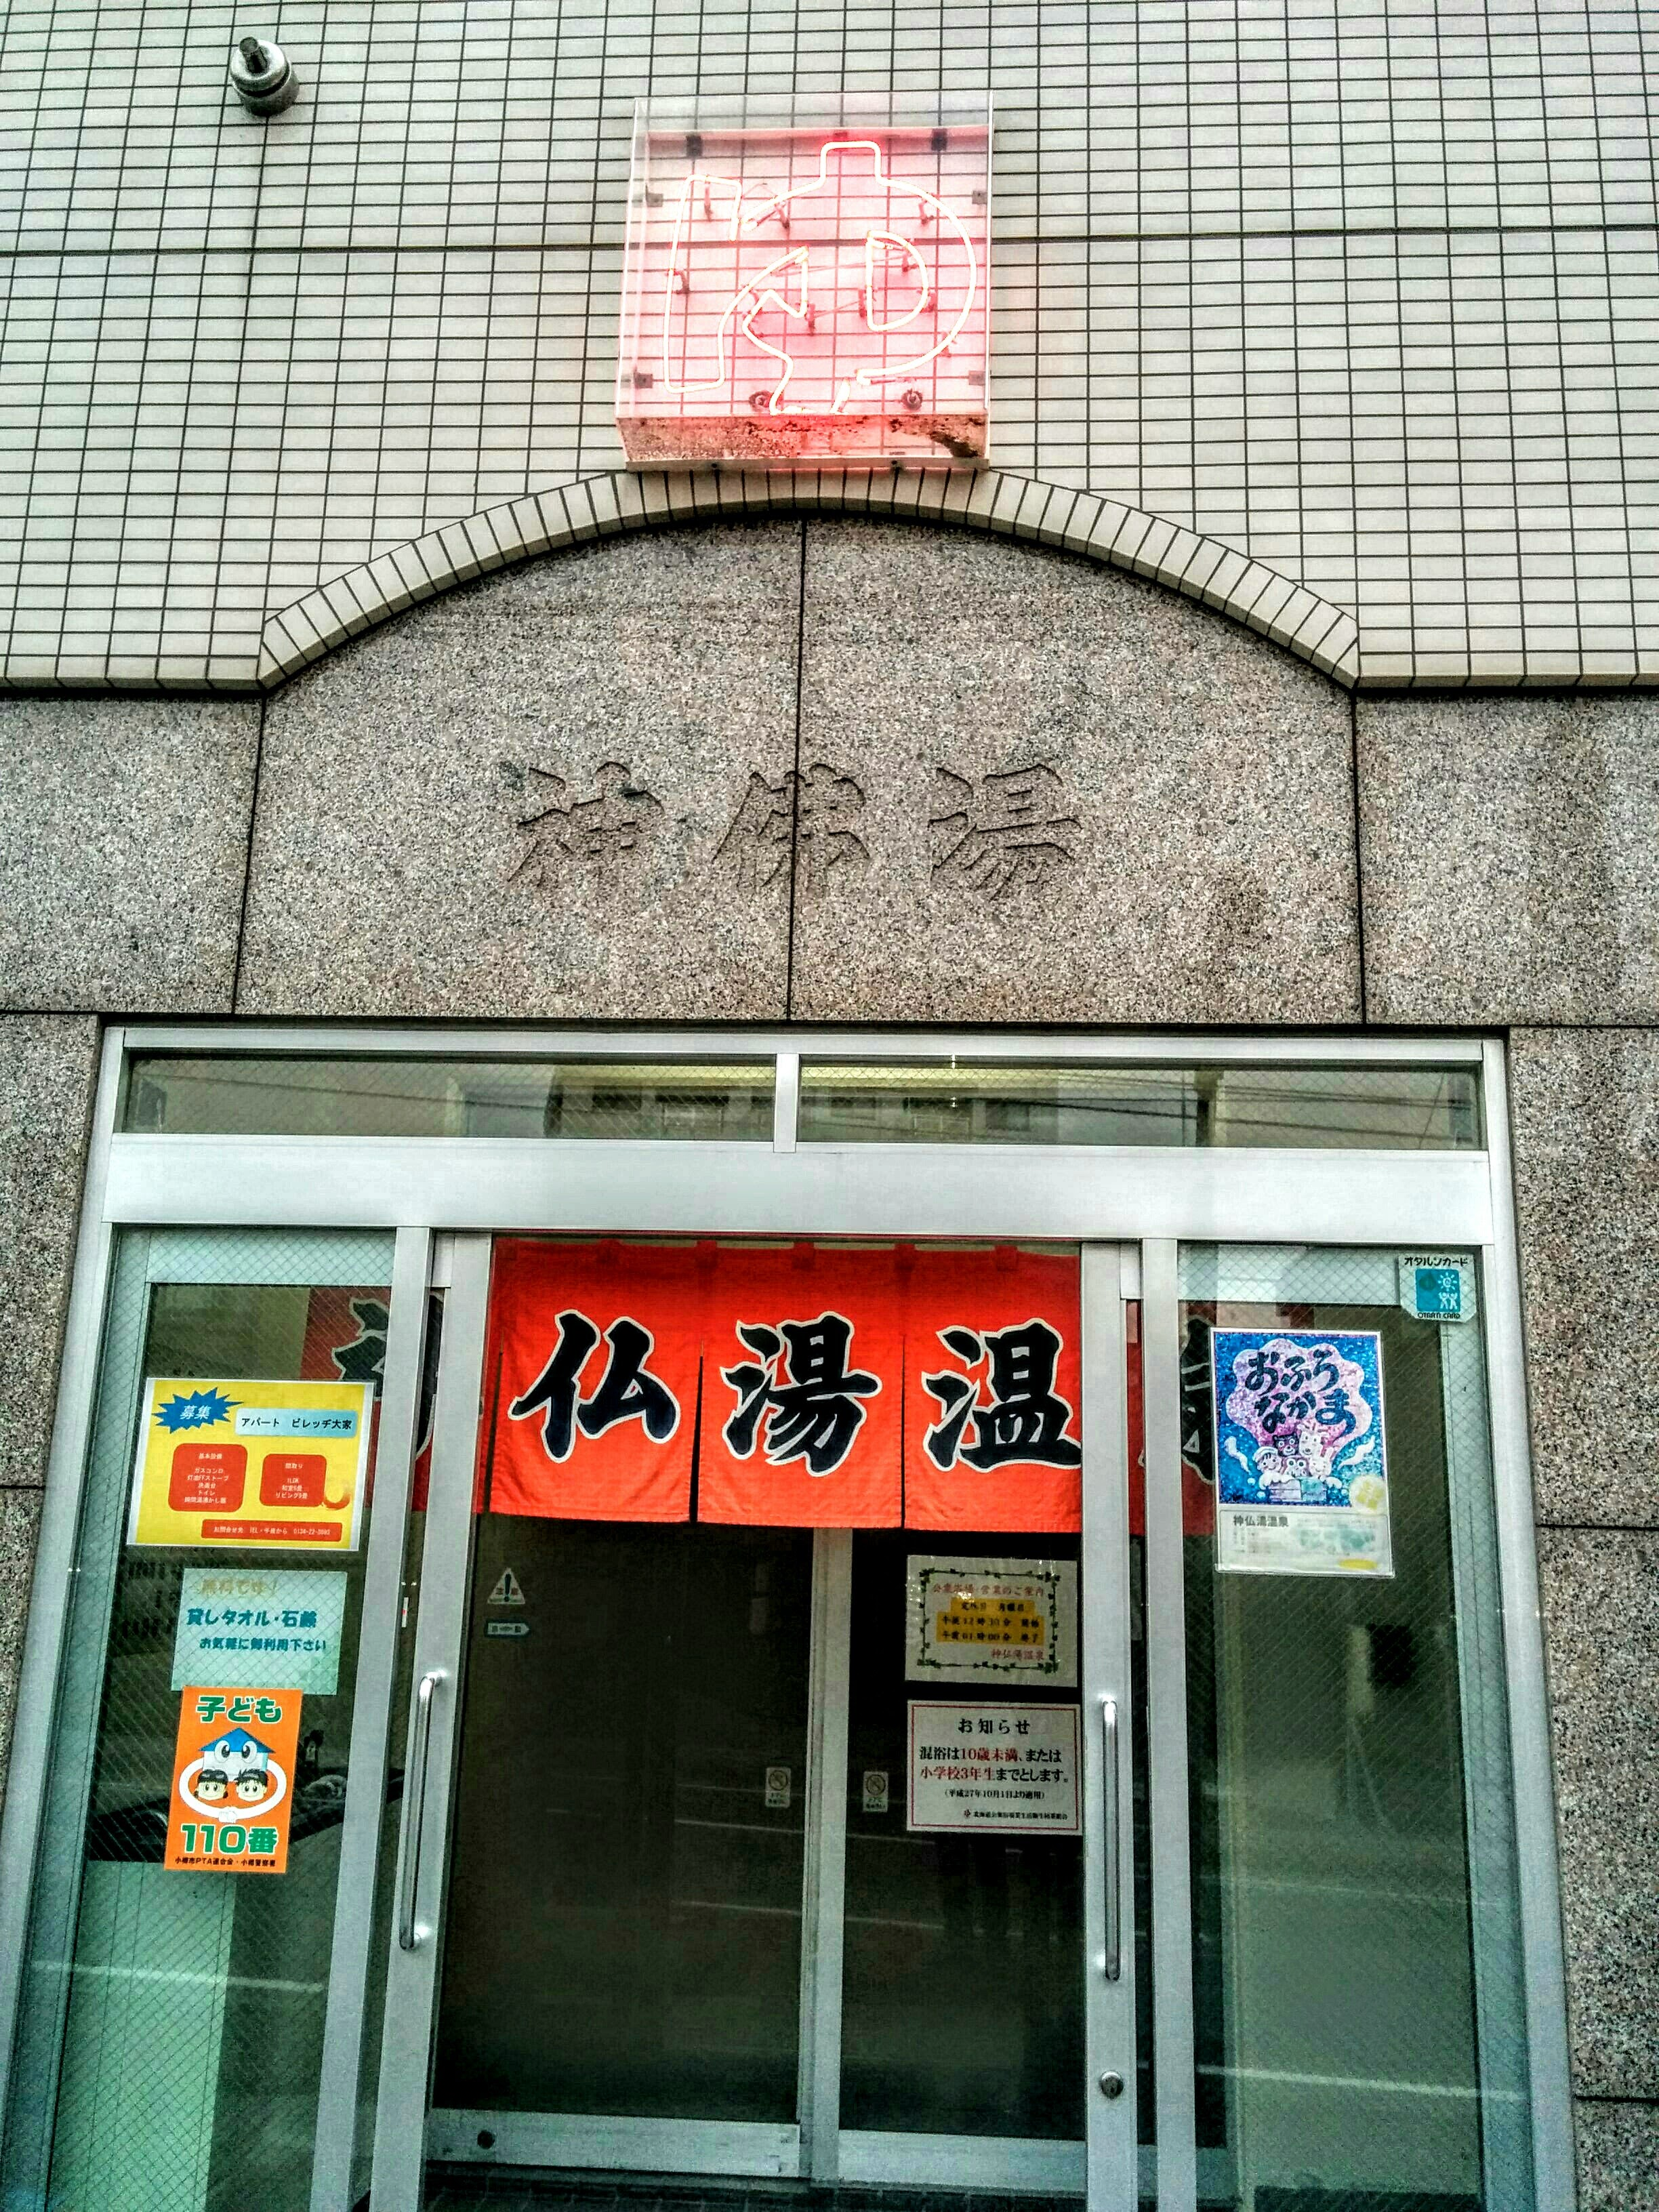 【小樽】温泉銭湯・神仏湯温泉観光案内です